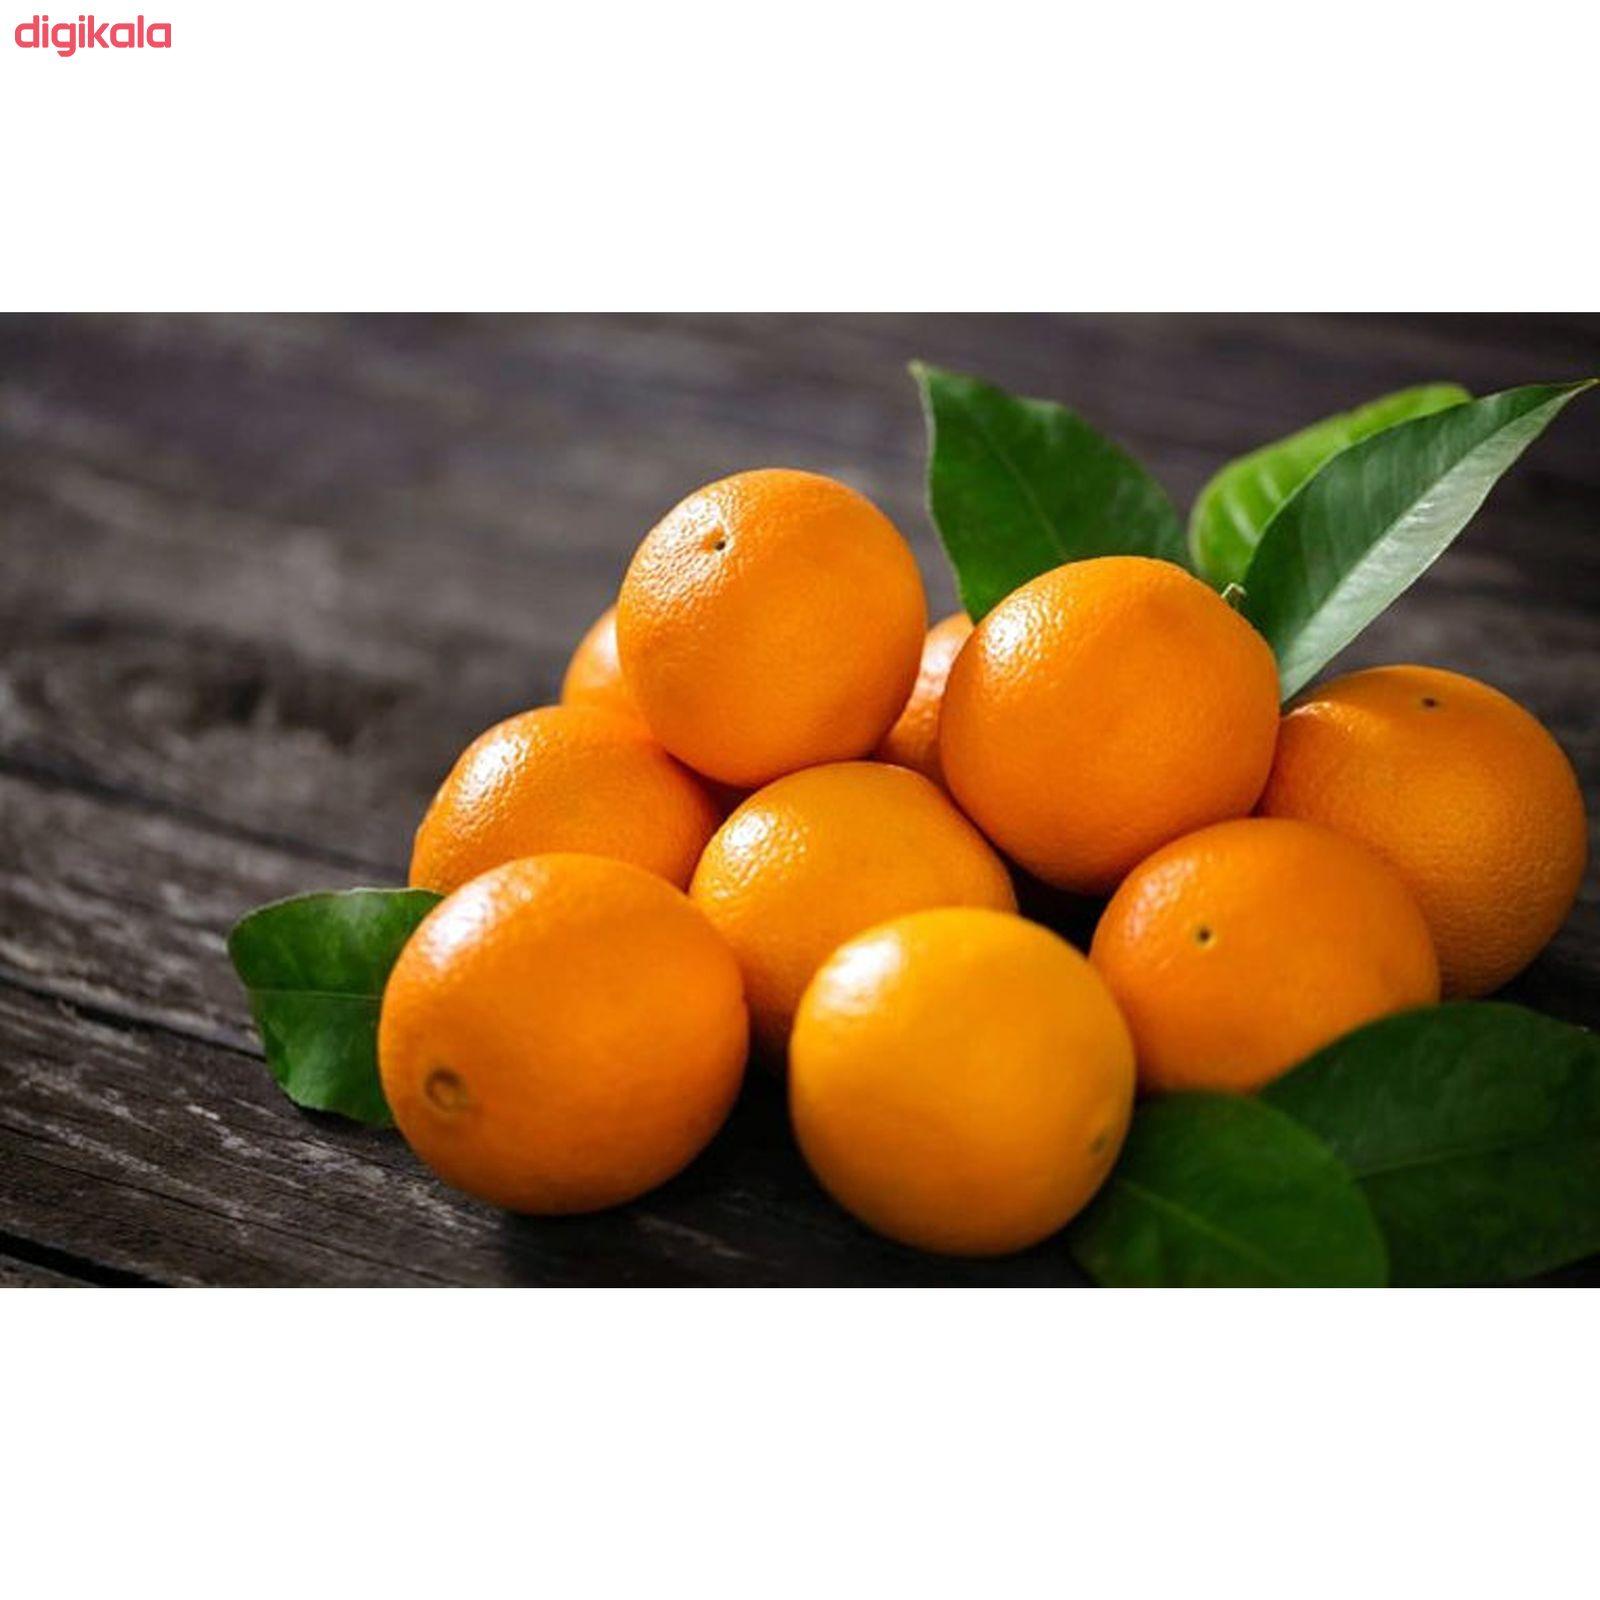 پرتقال تامسون جنوب بلوط - 1 کیلوگرم  main 1 6